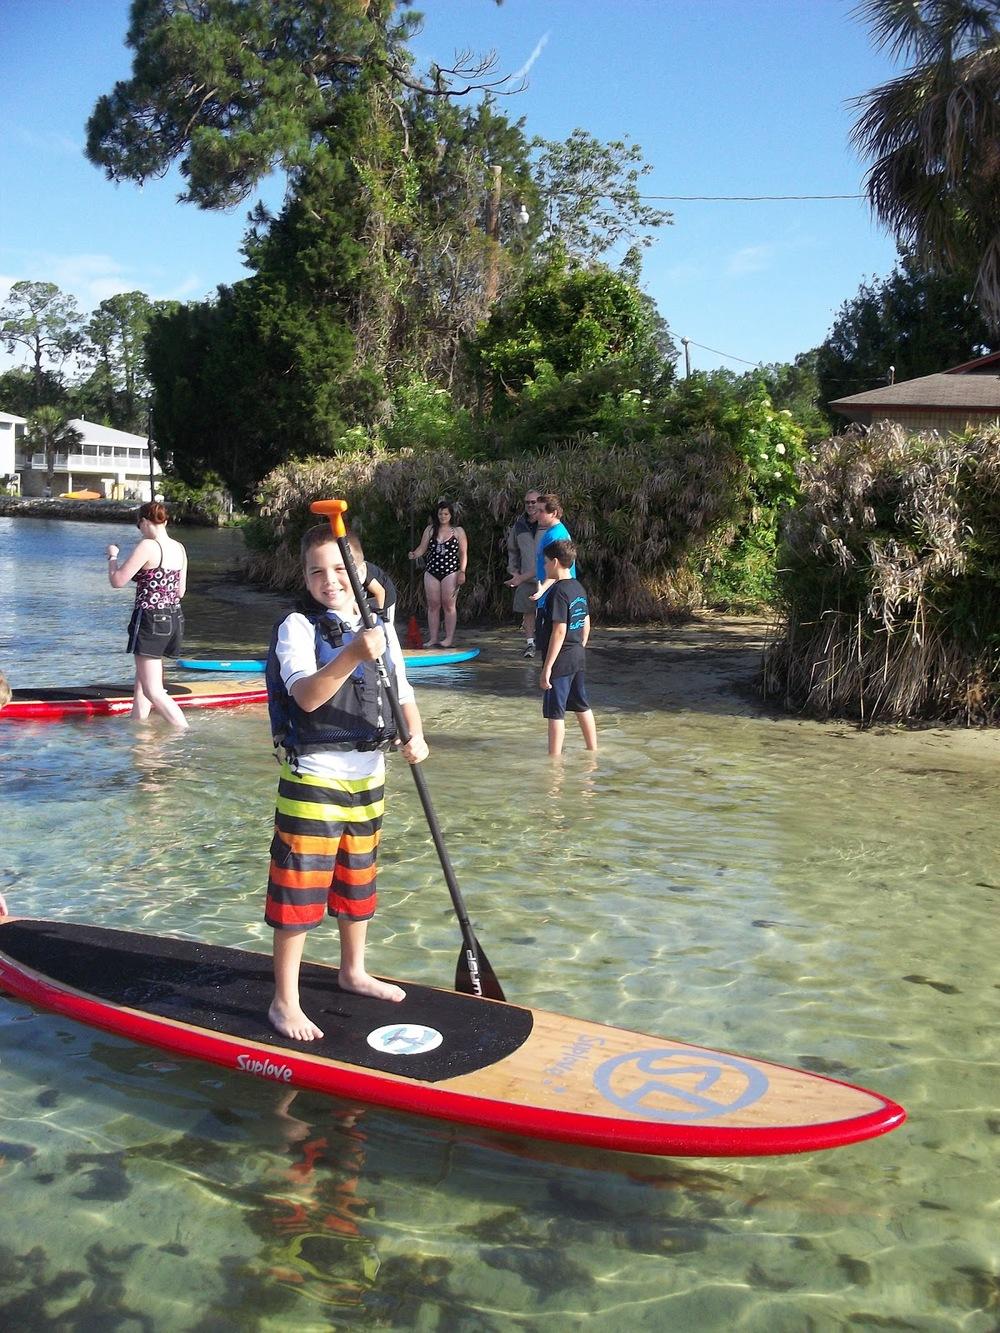 Crystal River Paddleboard And Kayak Rentals